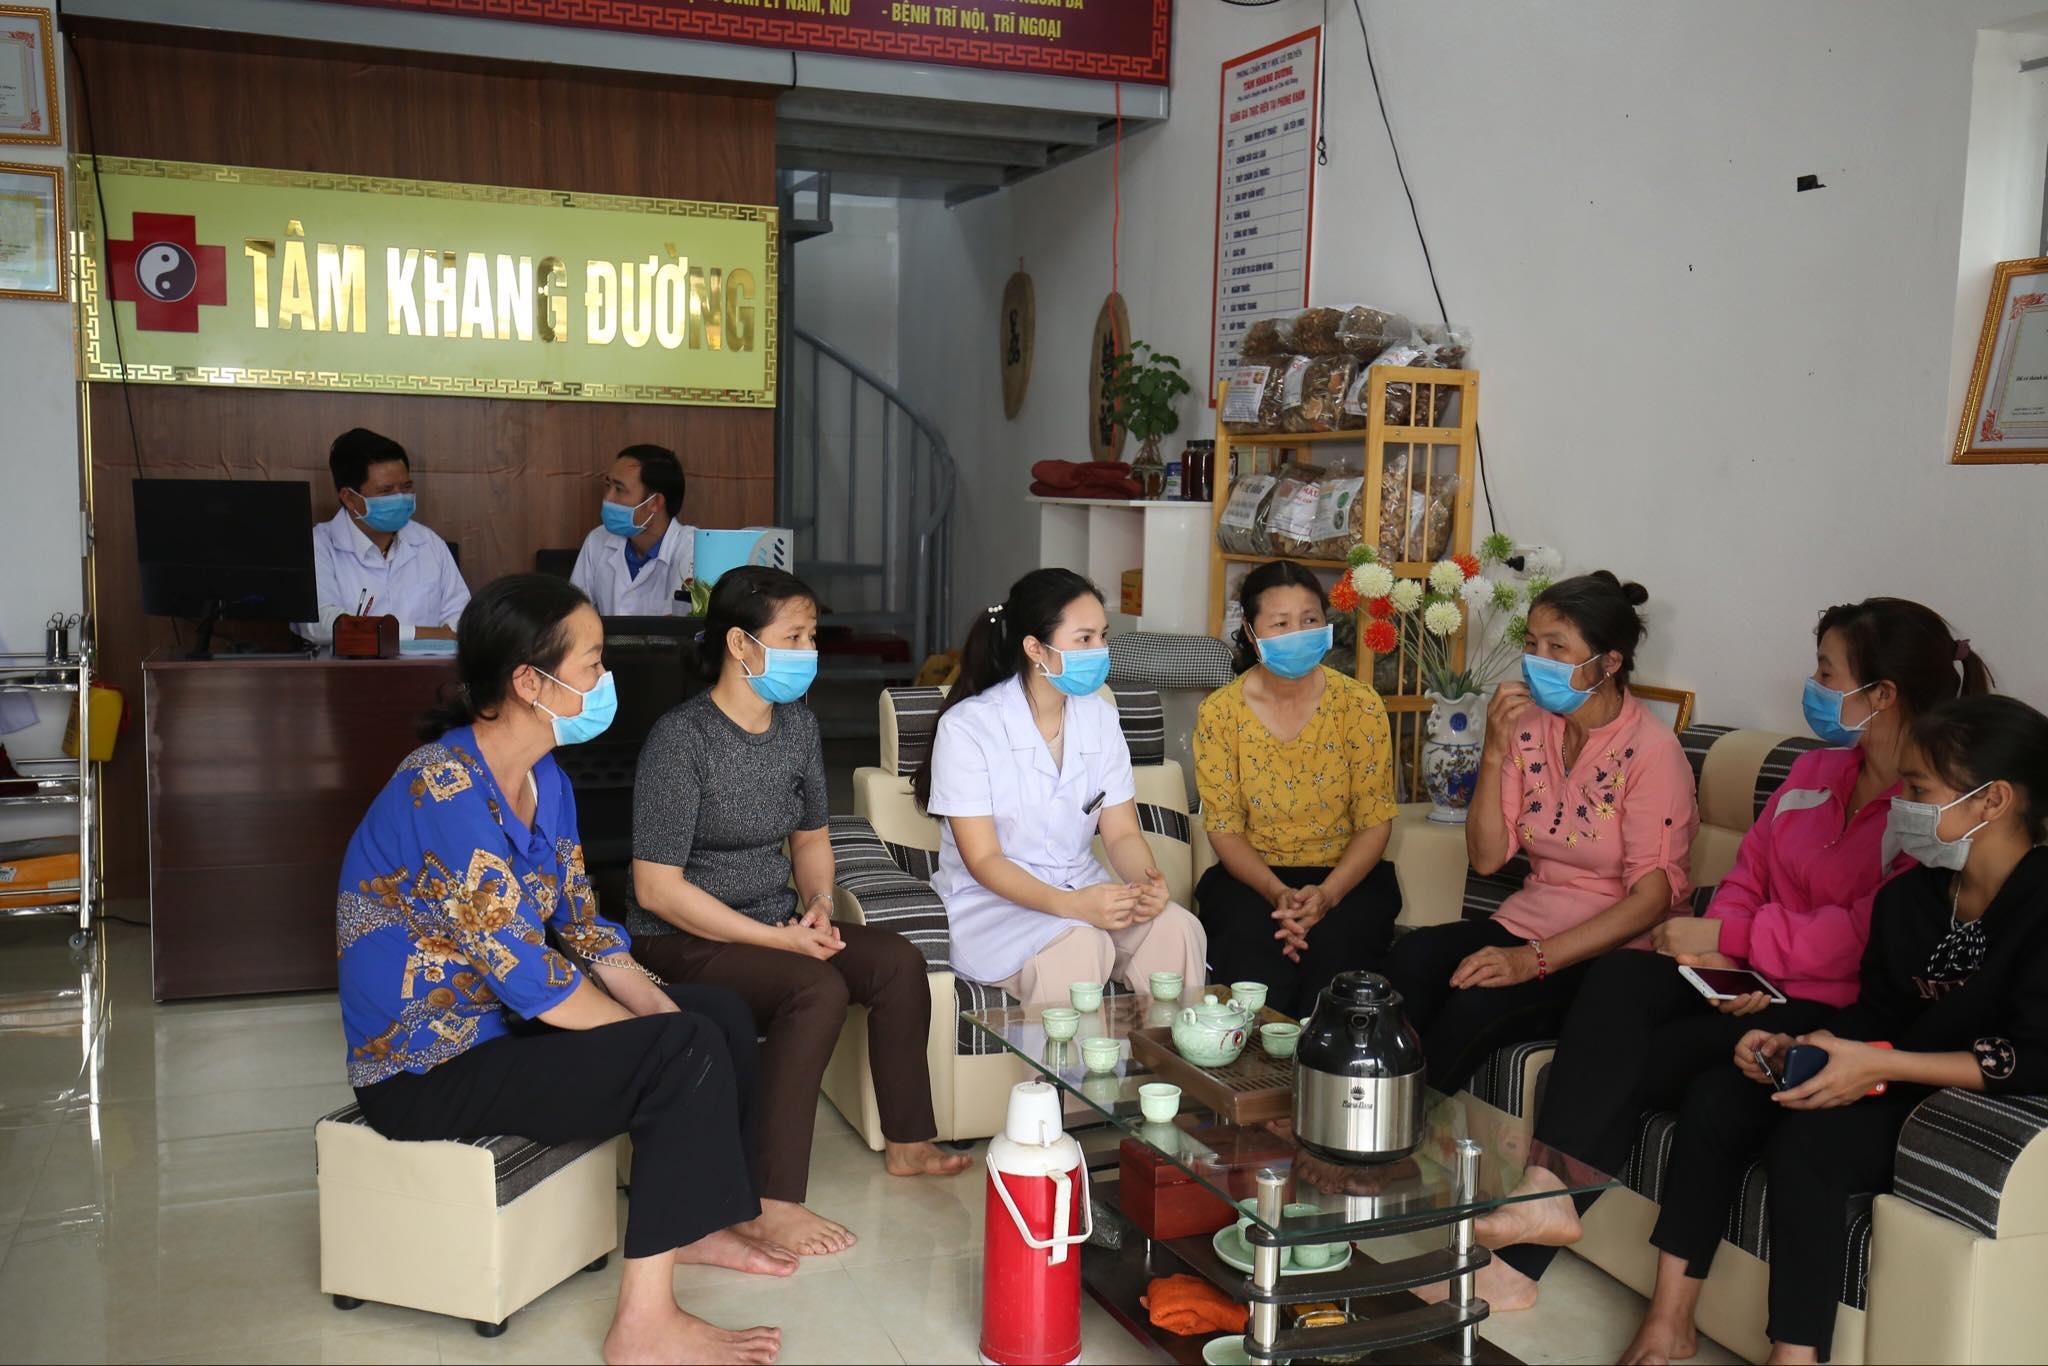 Bật mí bài thuốc đặc trị bệnh dạ dày của lương y Nguyễn Xuân Điềm  - Ảnh 3